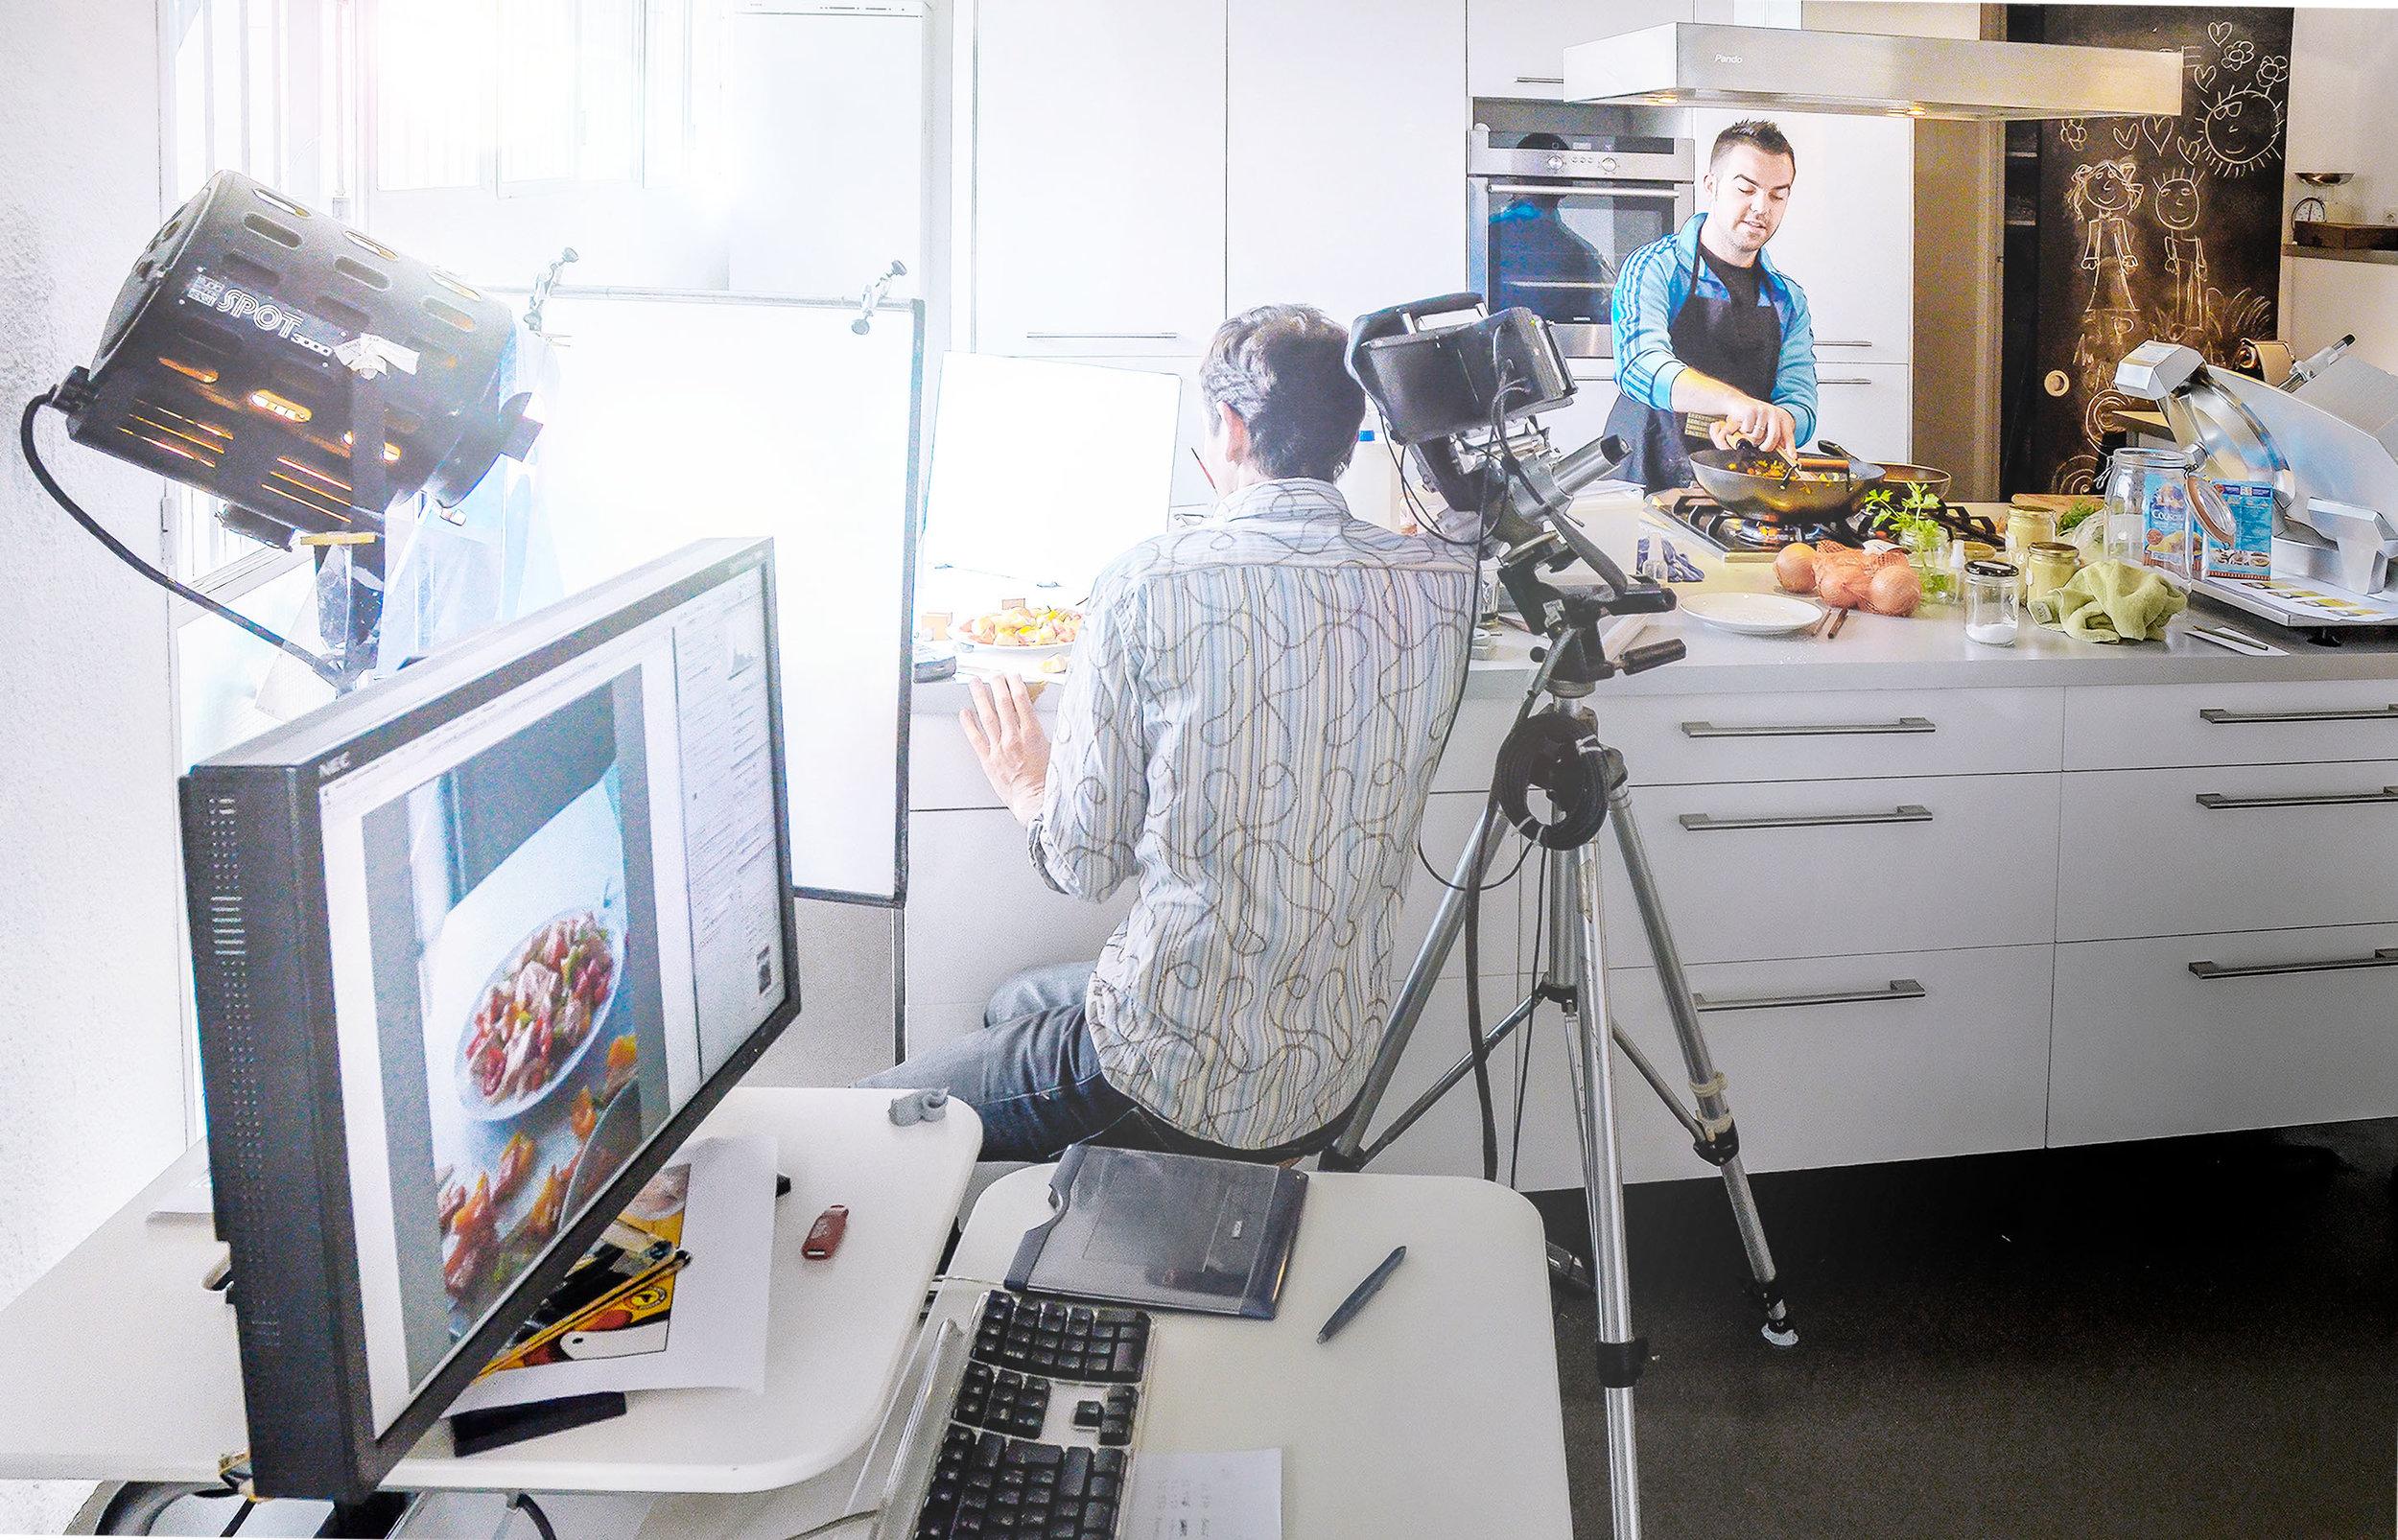 DSC2155 Valentin y Paco  en Cocina 01.jpg